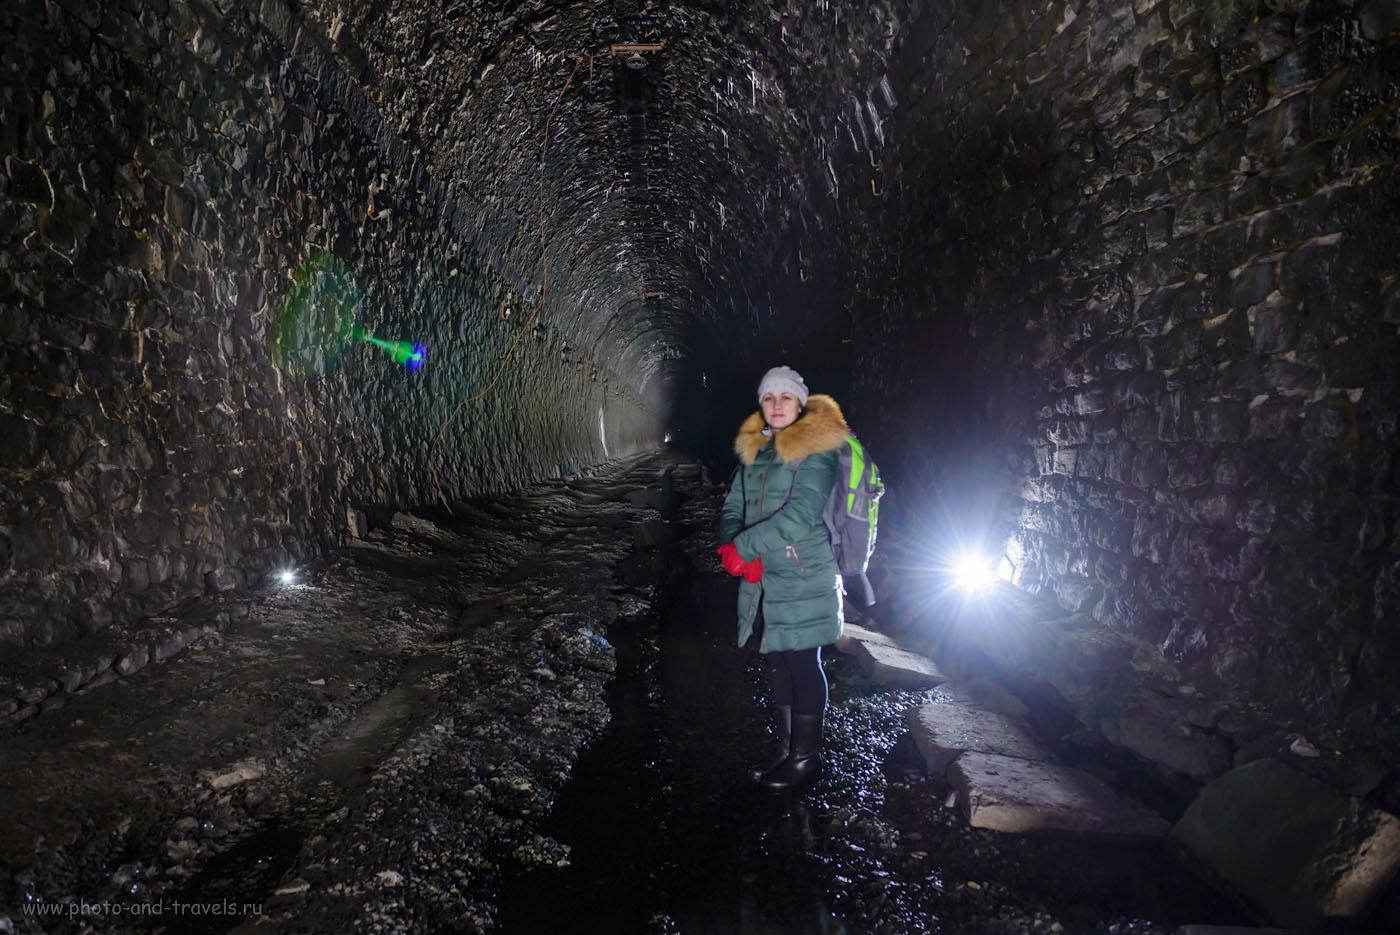 Фото 5. Как фотографировать в заброшенной шахте или в коллекторе. Дидинский тоннель в Первоуральском районе Свердловской области. Пеший поход выходного дня. 20 секунд, +0.67EV, 160, 24.